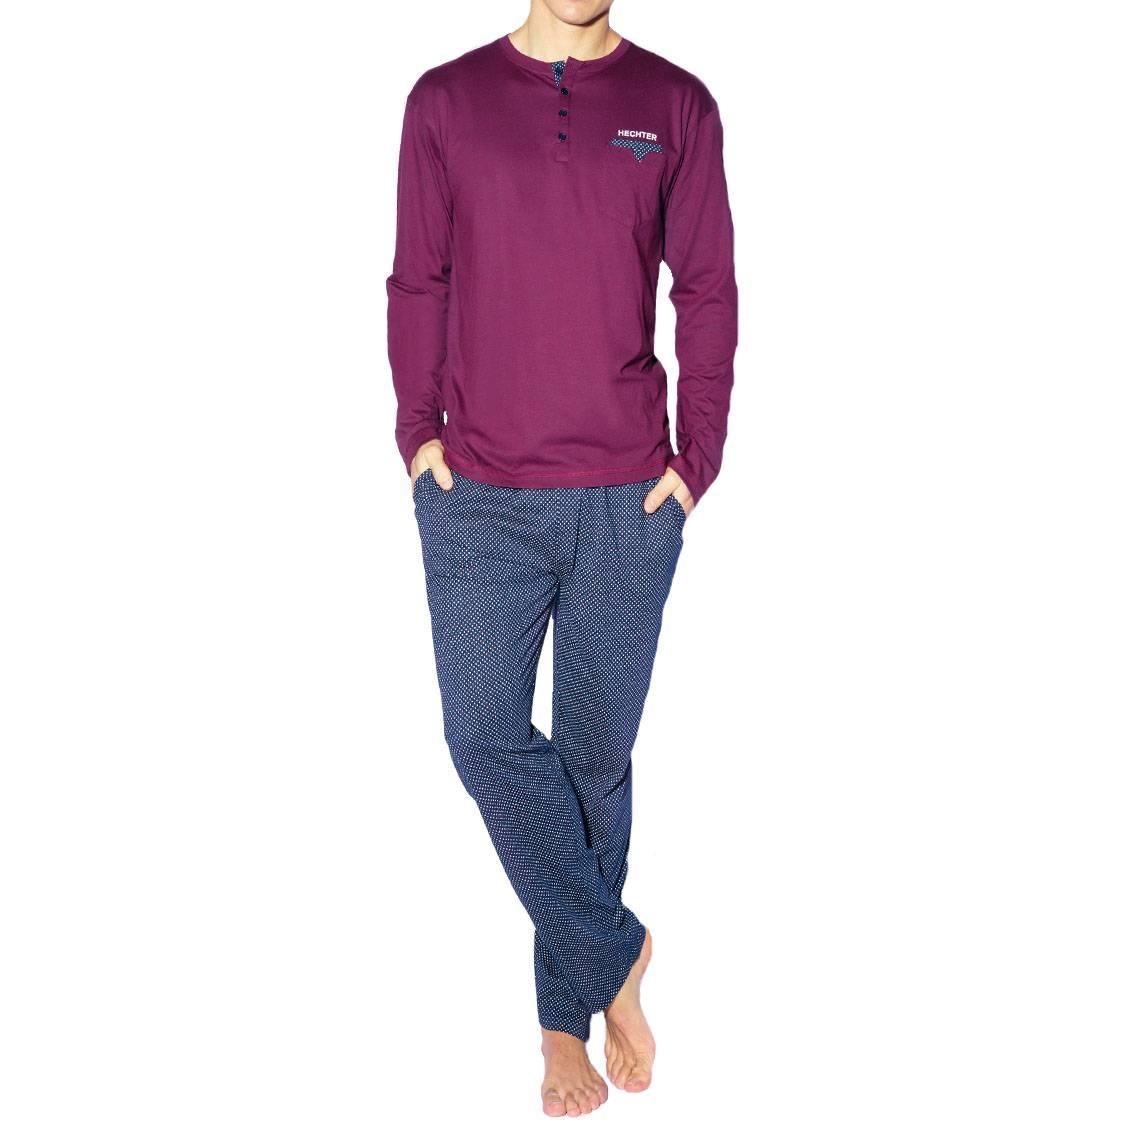 Pyjama long Hechter Studio Flow en coton et modal : tee-shirt manches longues col tunisien prune et pantalon bleu marine à motif fantaisie blanc et prune